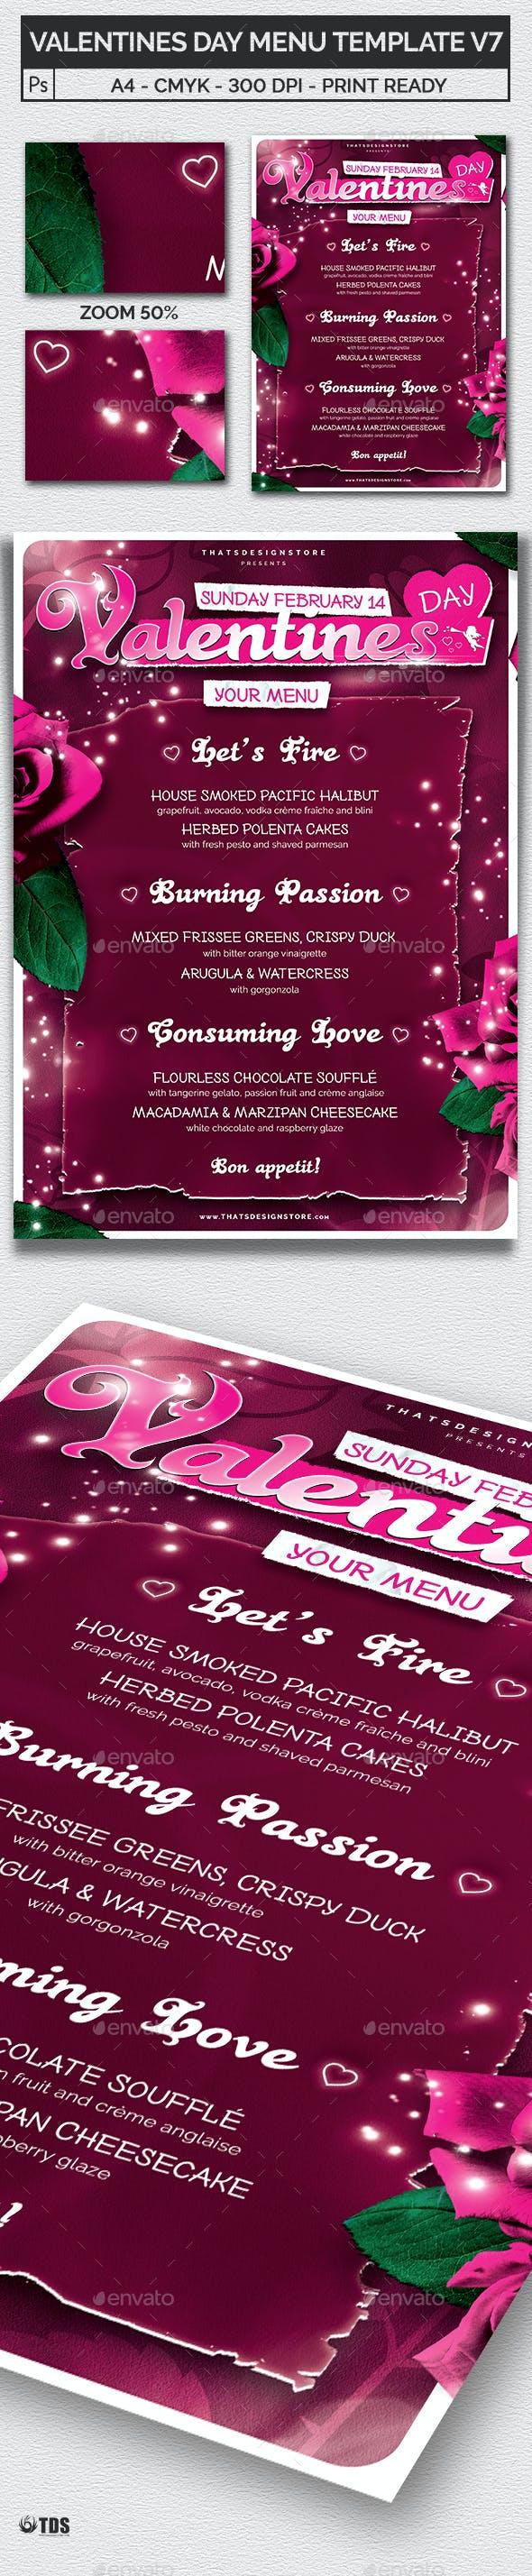 Valentines Day Menu Template V7 By Lou606 Graphicriver